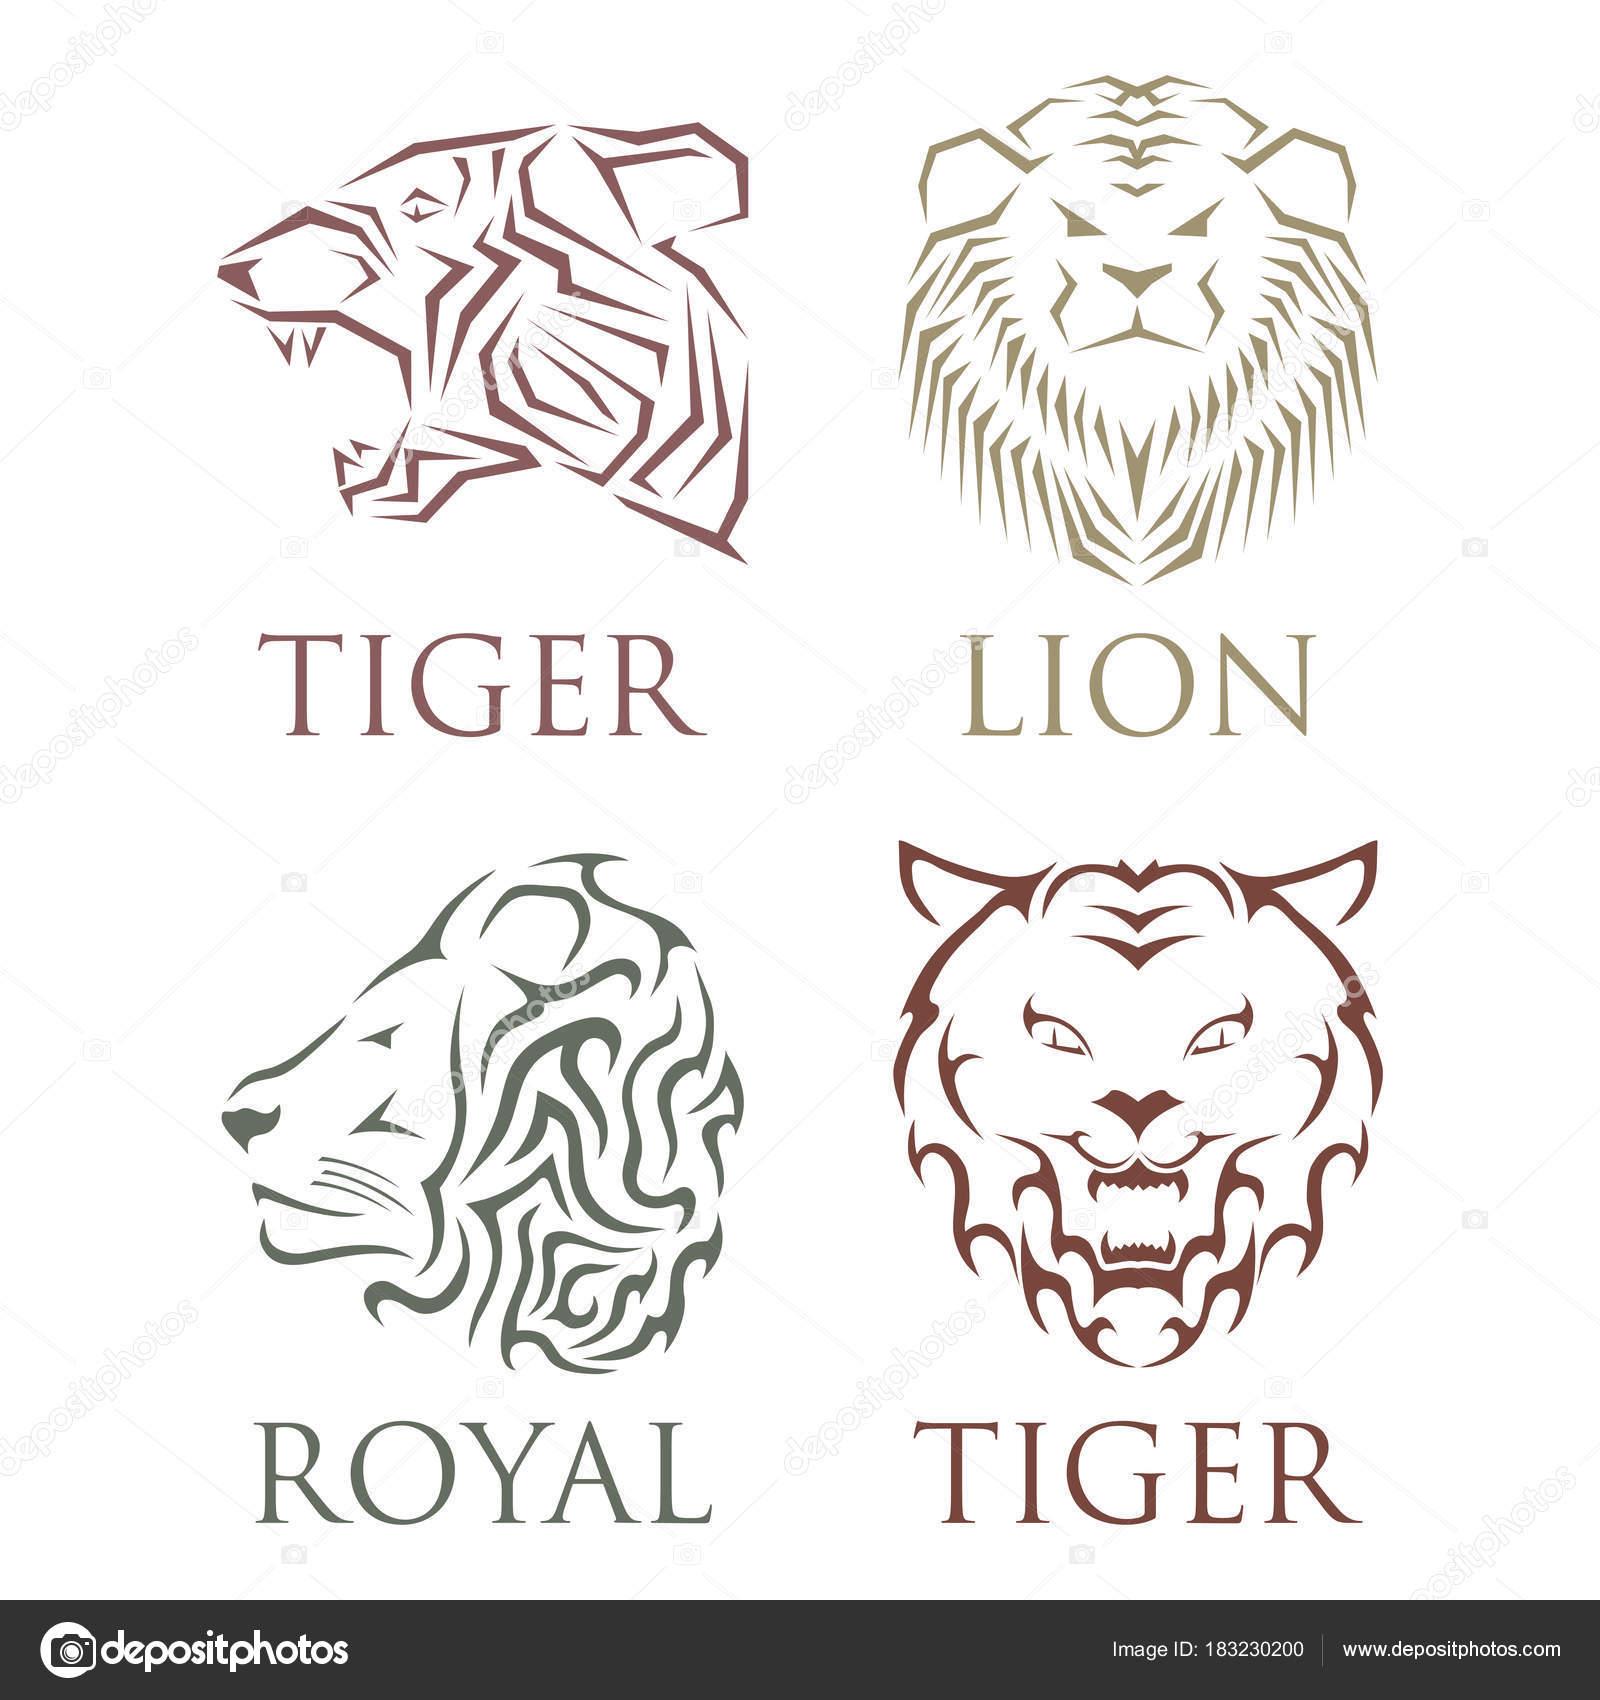 美しい動物のベクトルとタイガー ヘッド ロイヤル バッジ手描かれた